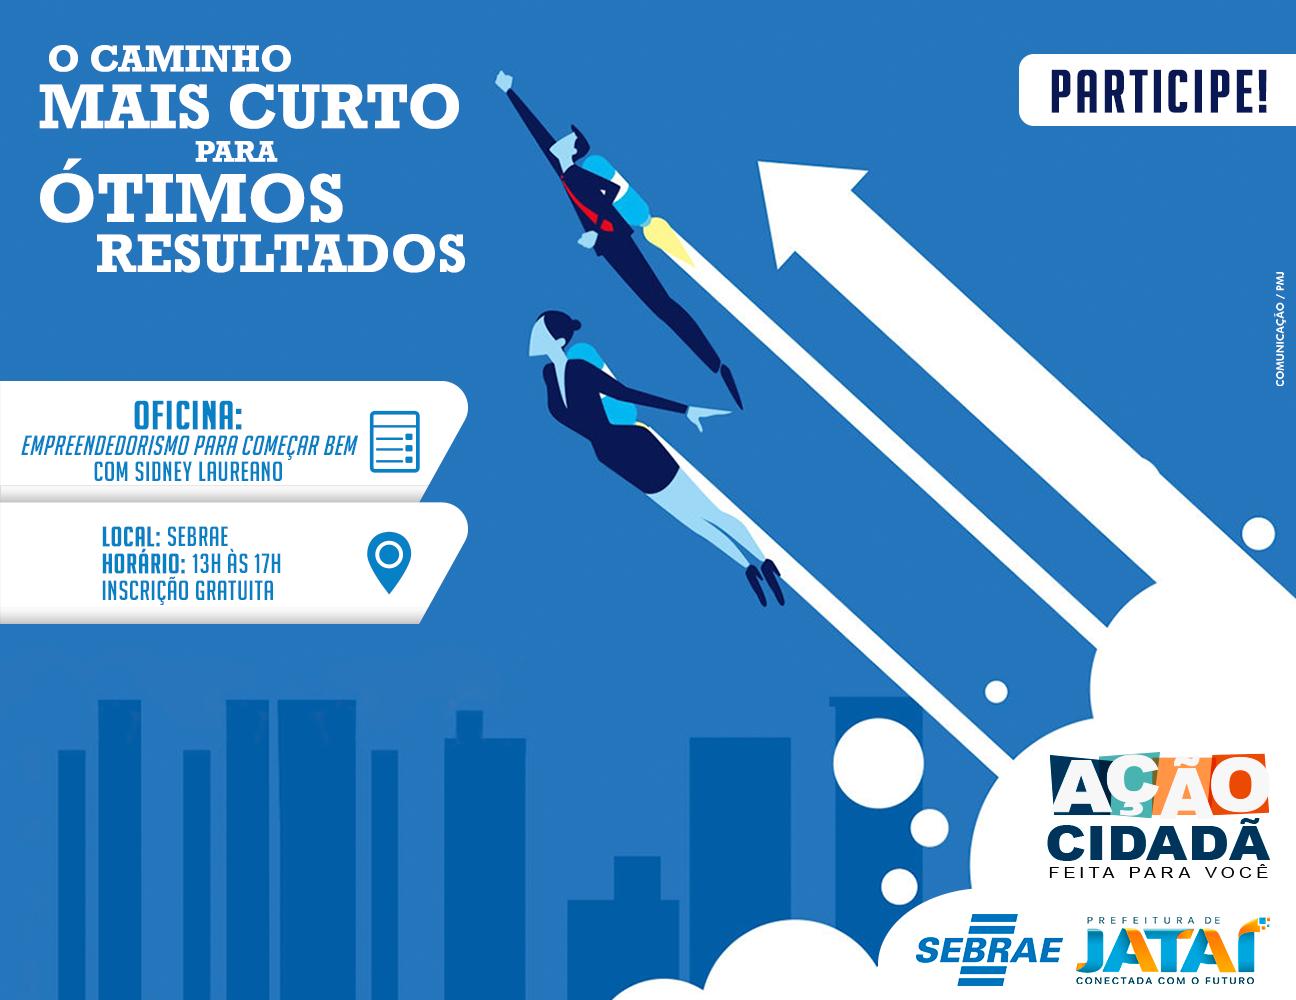 Sebrae Promove Minicurso Empreendedorismo Para Come Ar Bem Dentro